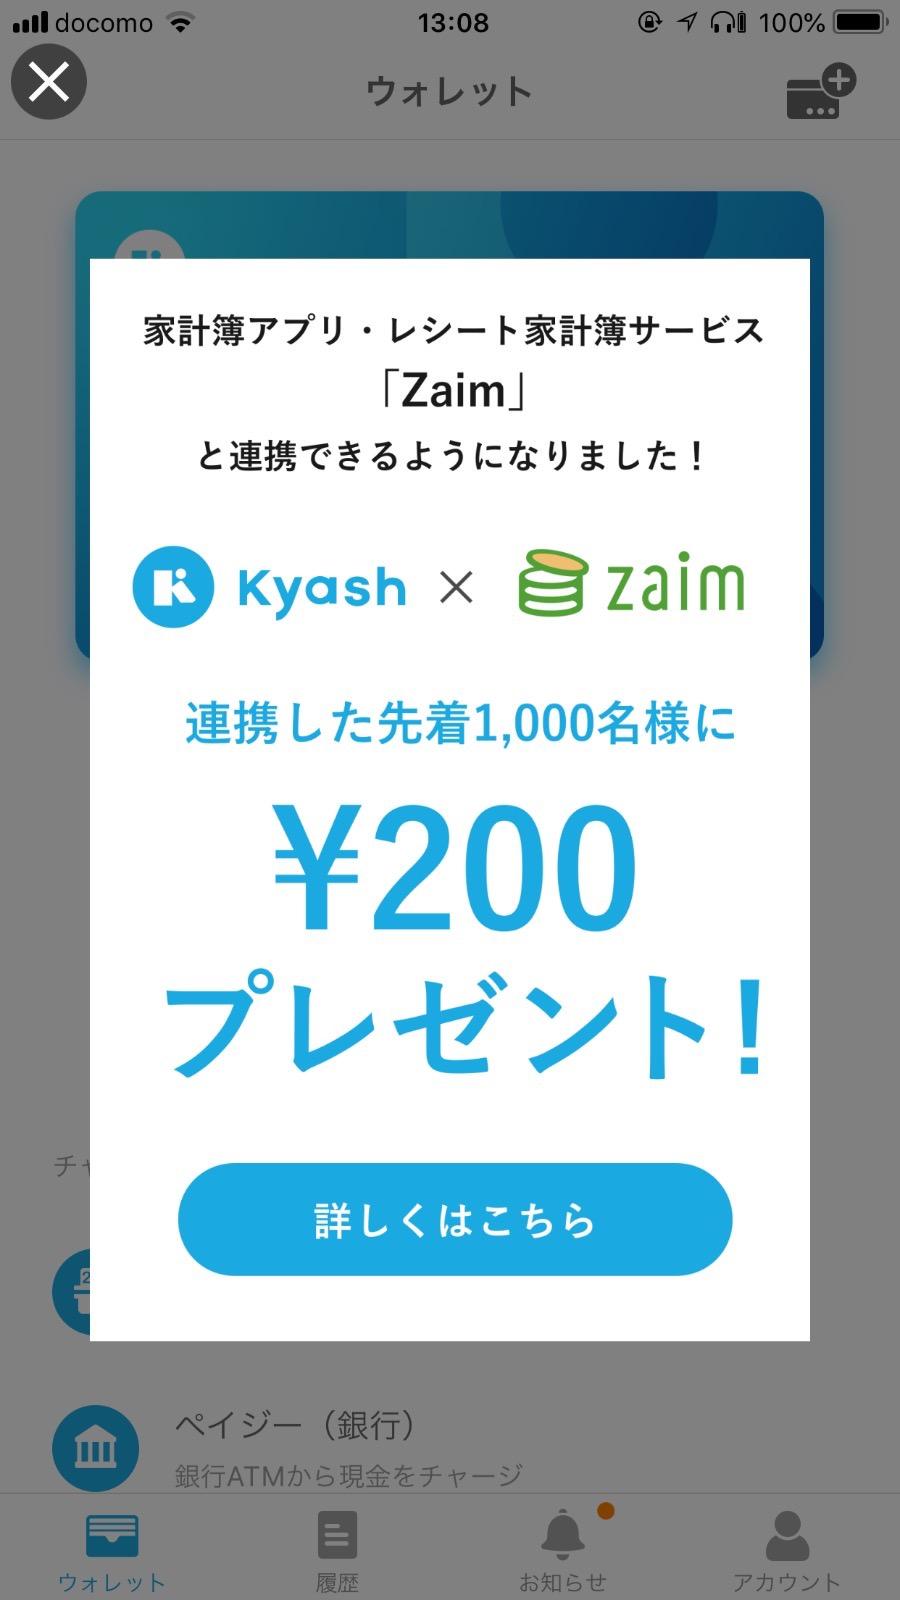 Kyash Zaim 連携 01